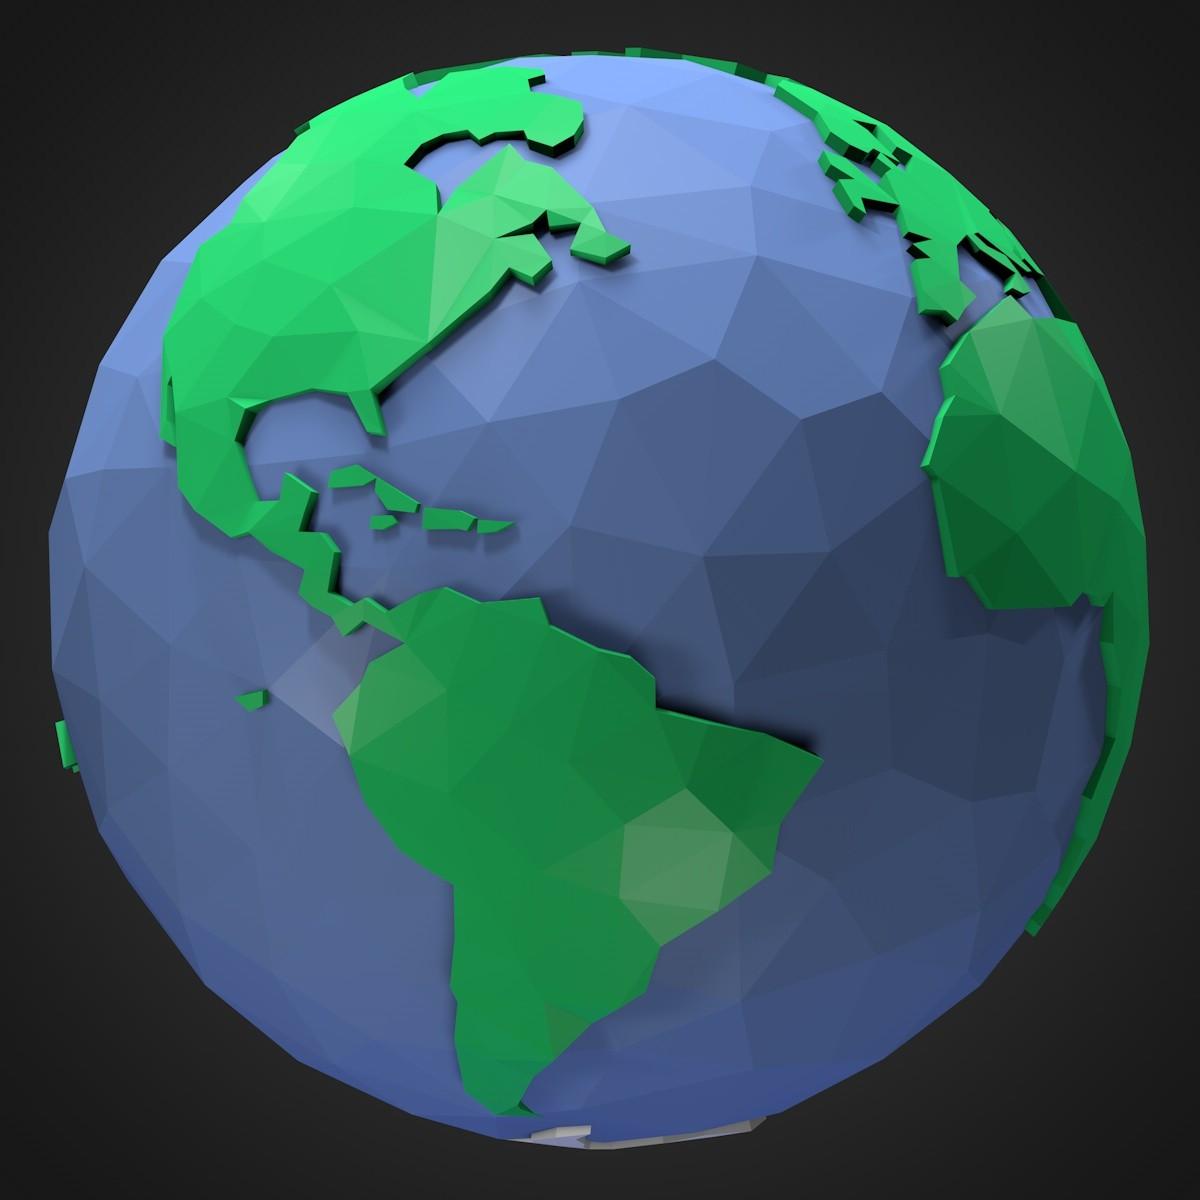 récupérer modèle 3d google earth